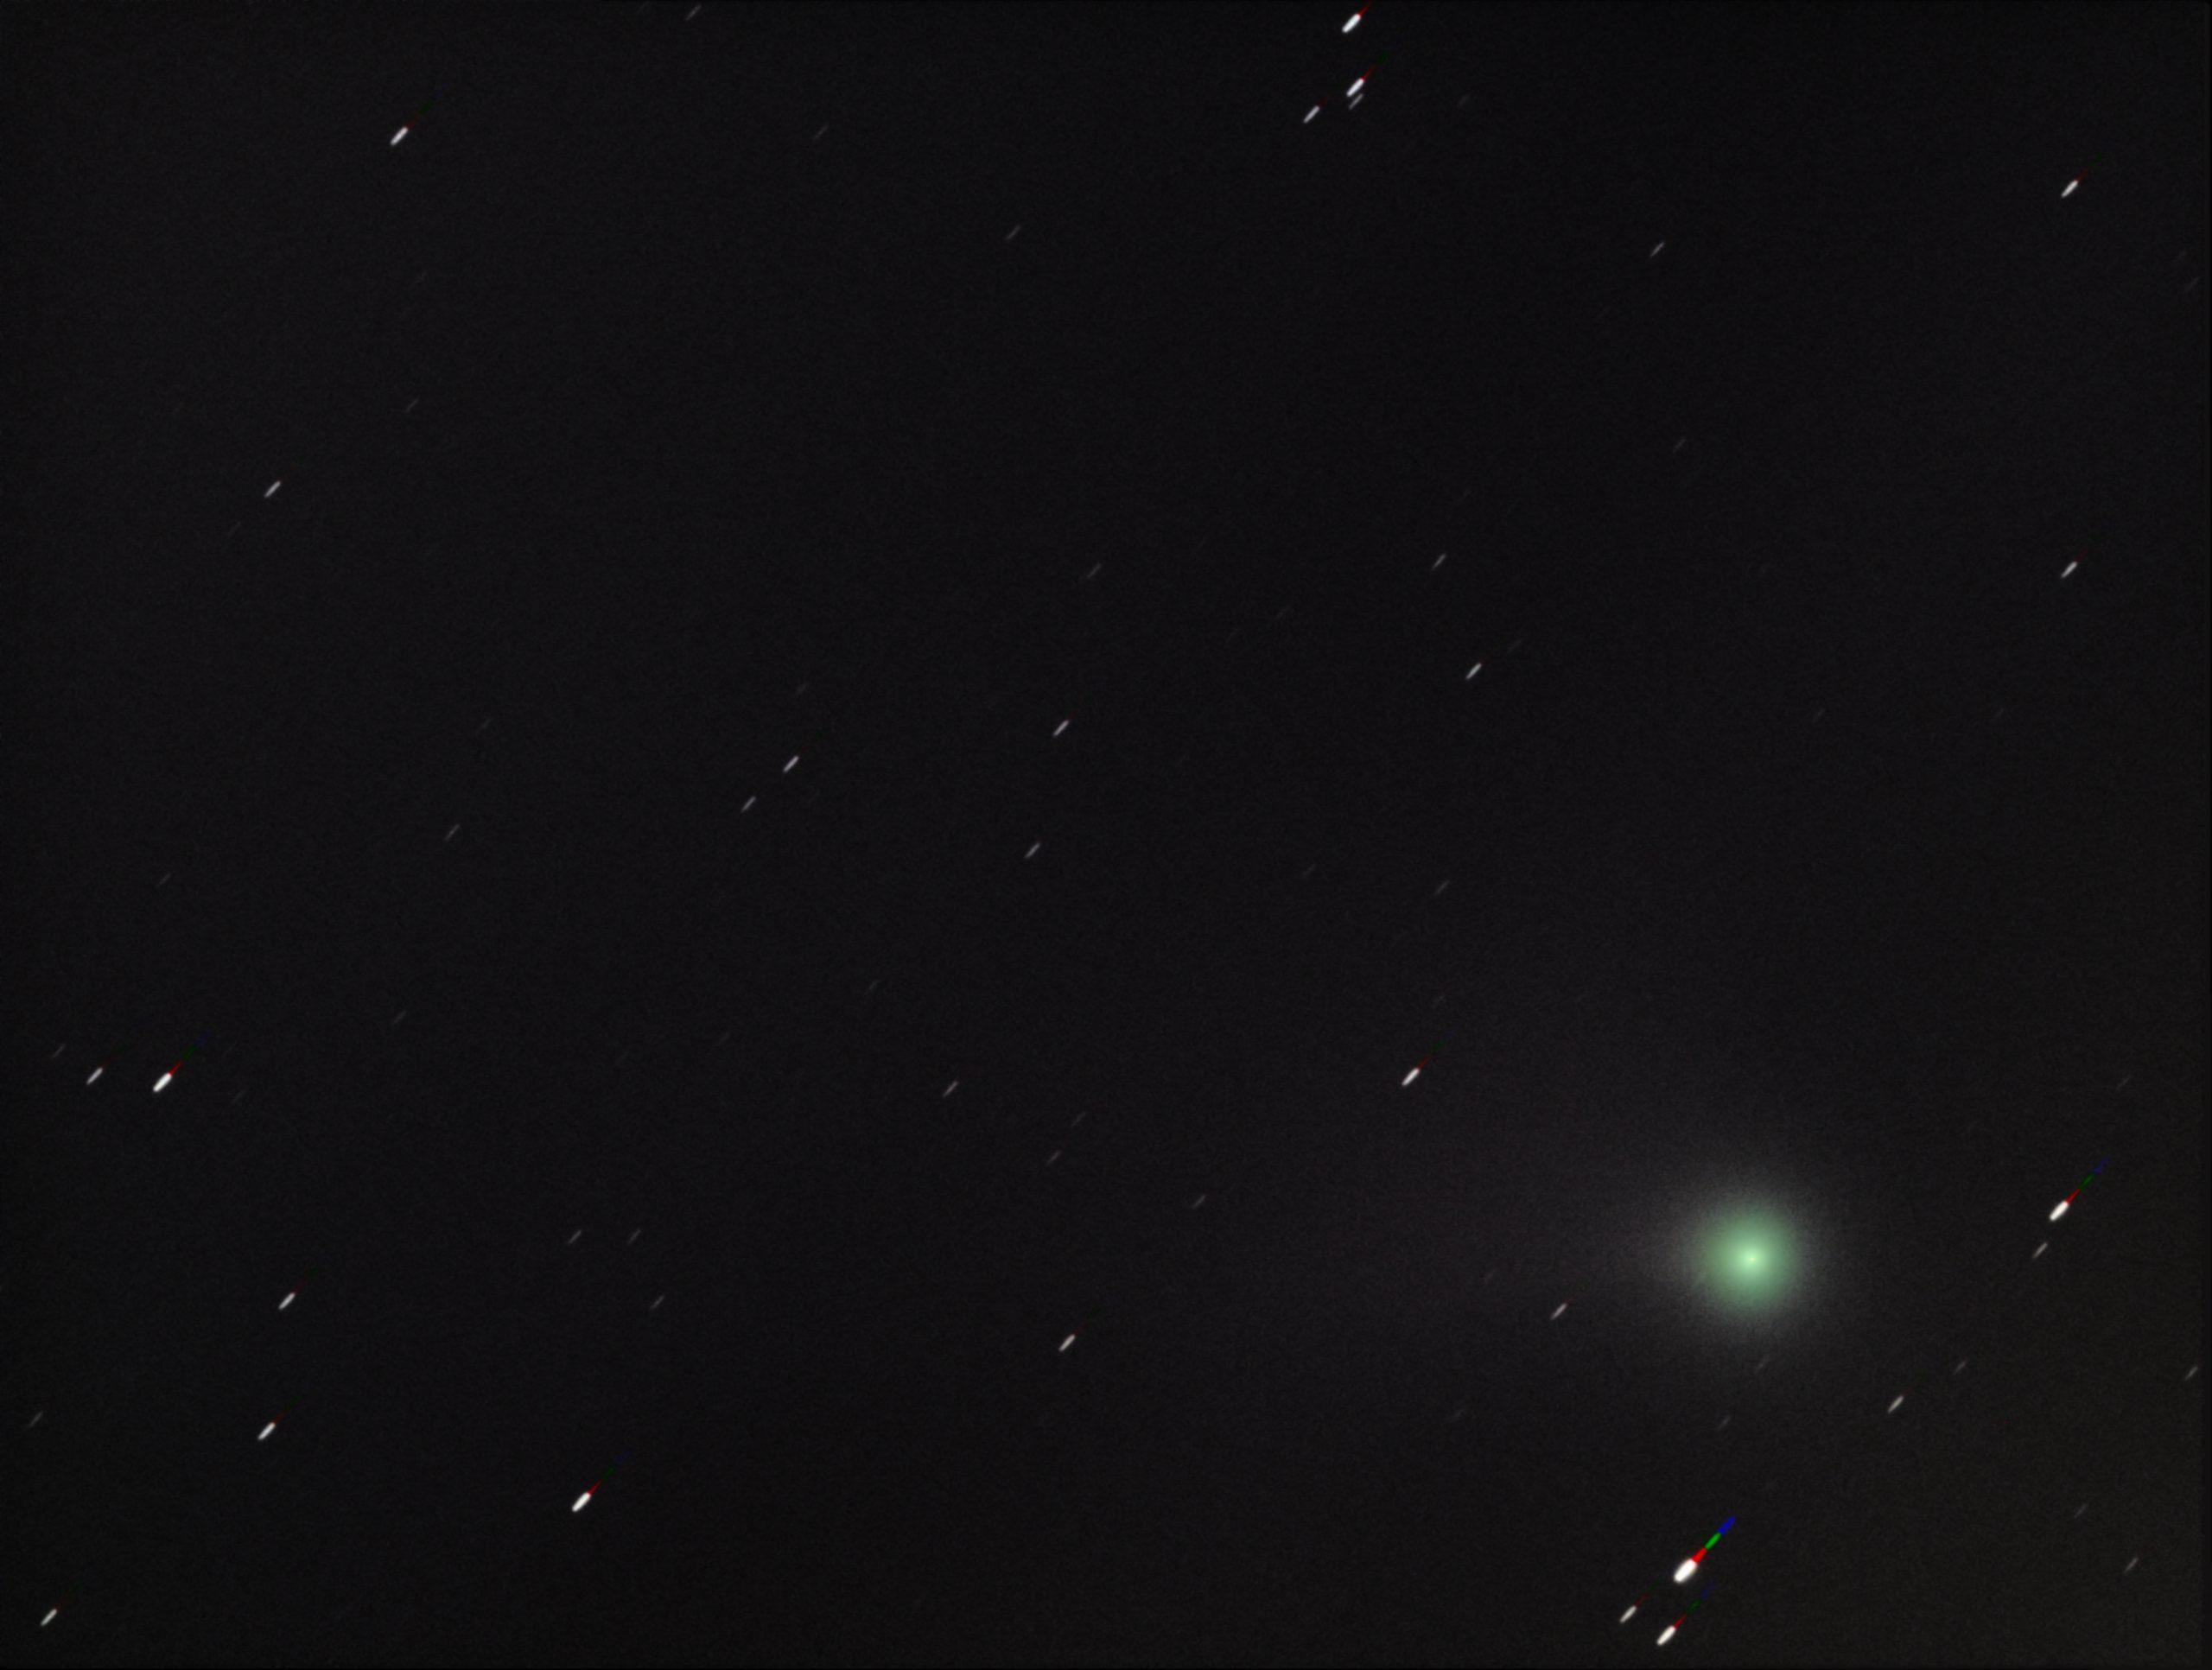 Neowise is nu een beetje een glow-in-the-dark ornament aan het worden. Naarmate de tijd vordert neem